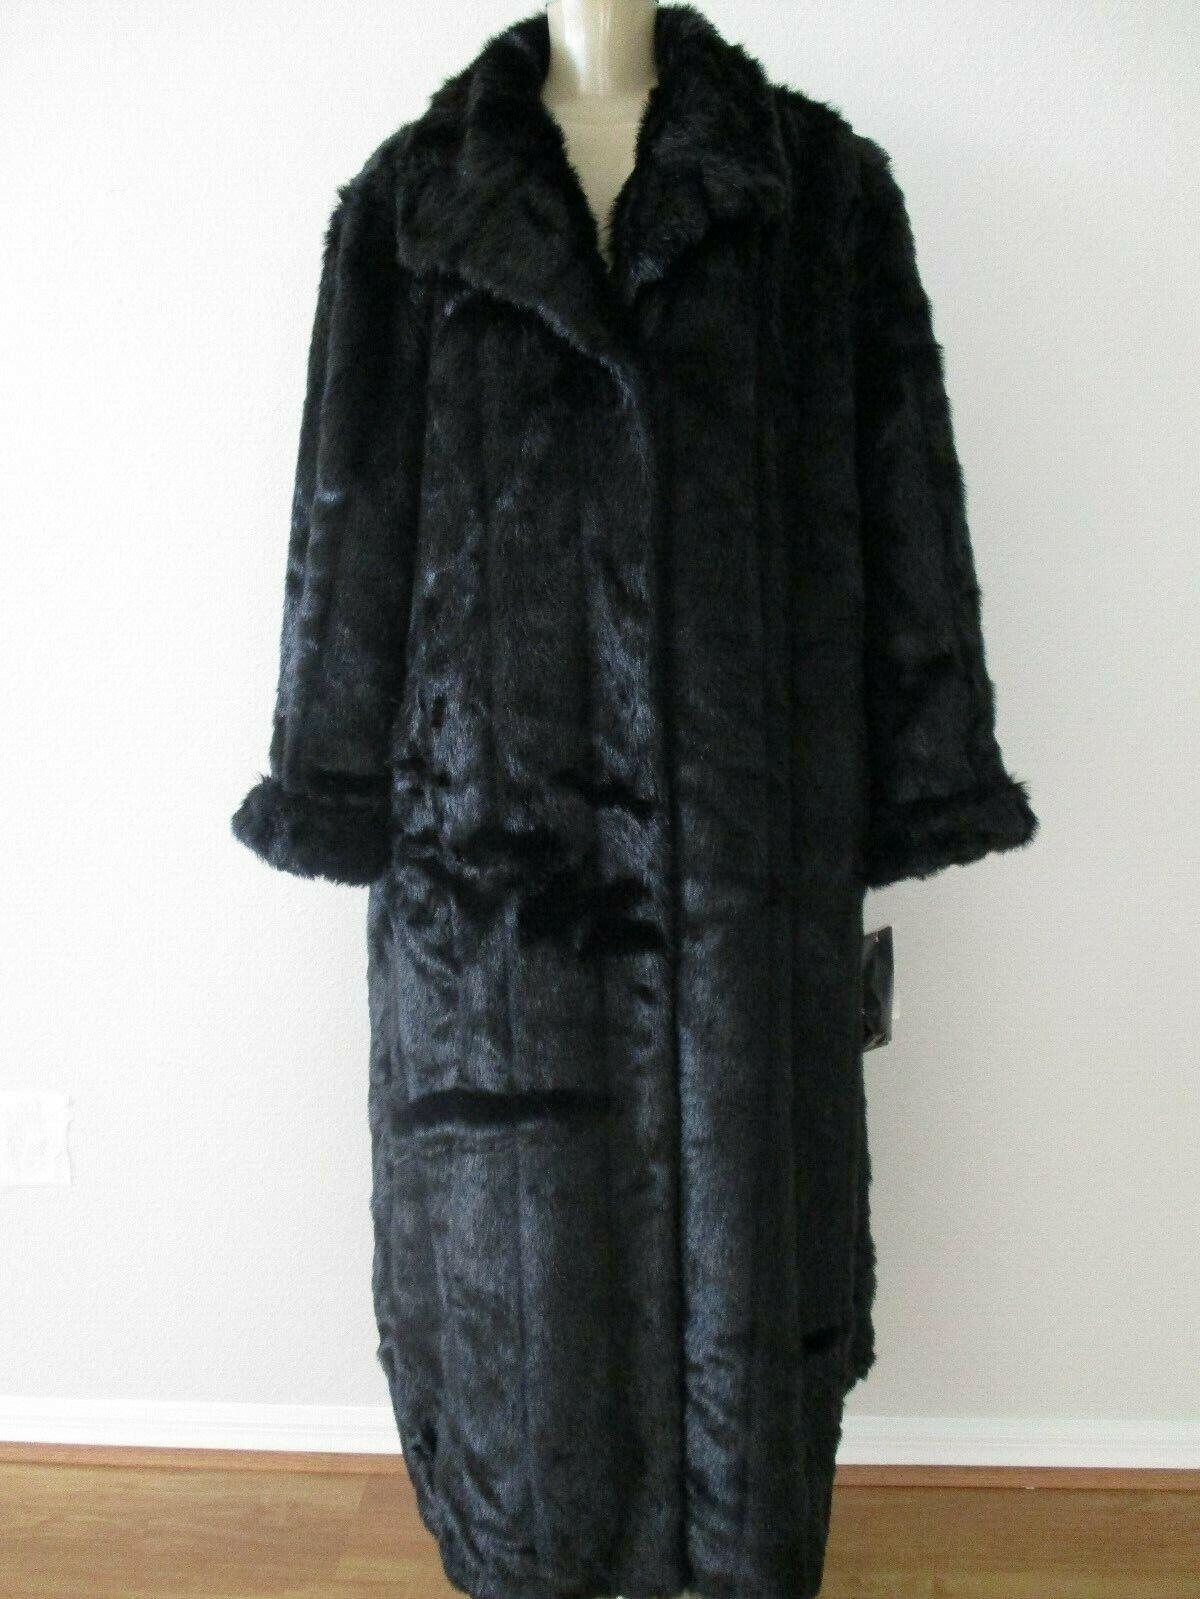 320 PAMELA MCCOY Negro Imitación Rur  abrigo mangas largas de longitud completa Tamaño Extra Extra Pequeño-Nuevo con etiquetas  envío gratis